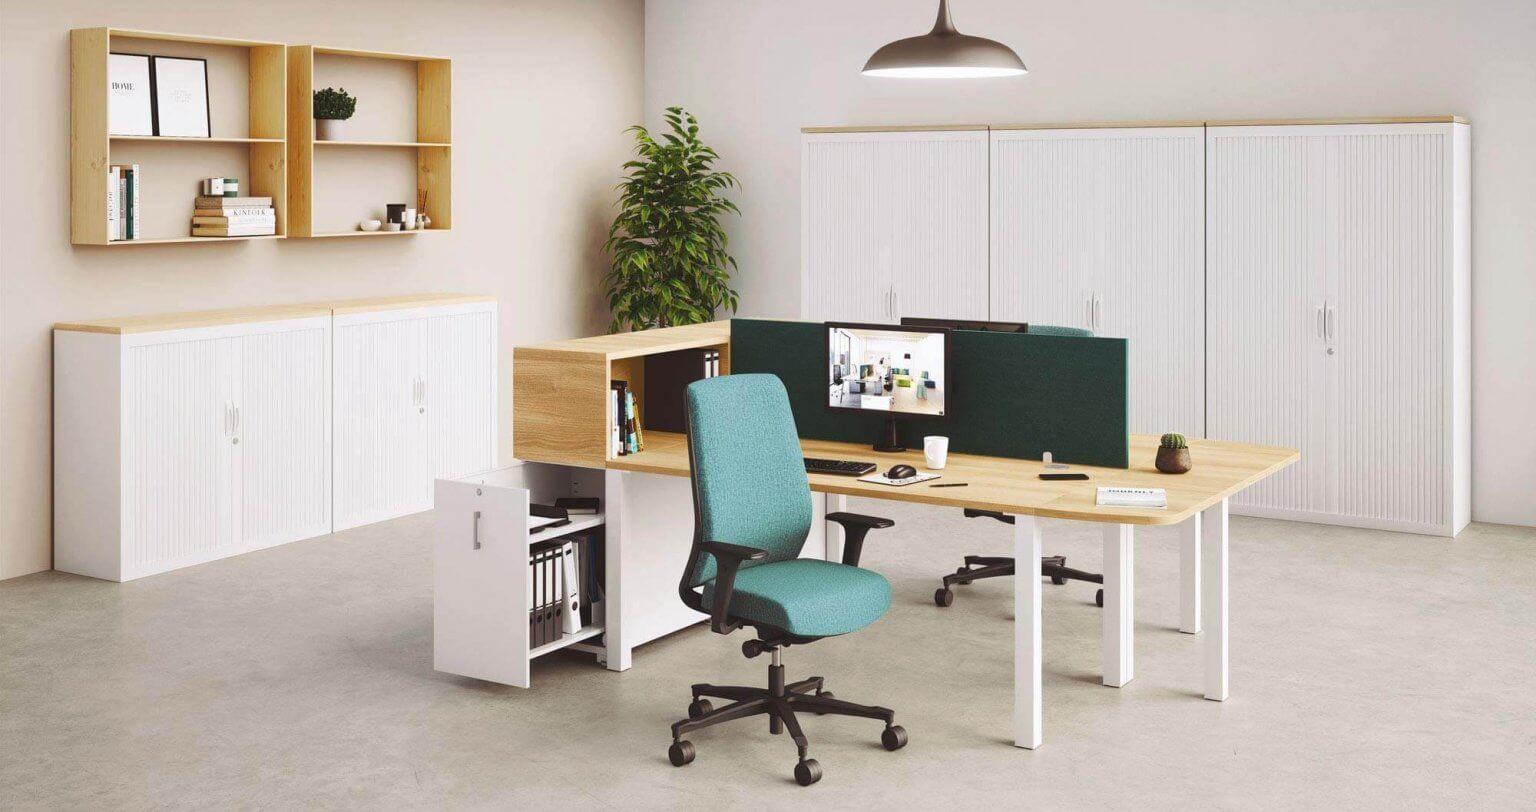 Confguration poste de travail ergonomique